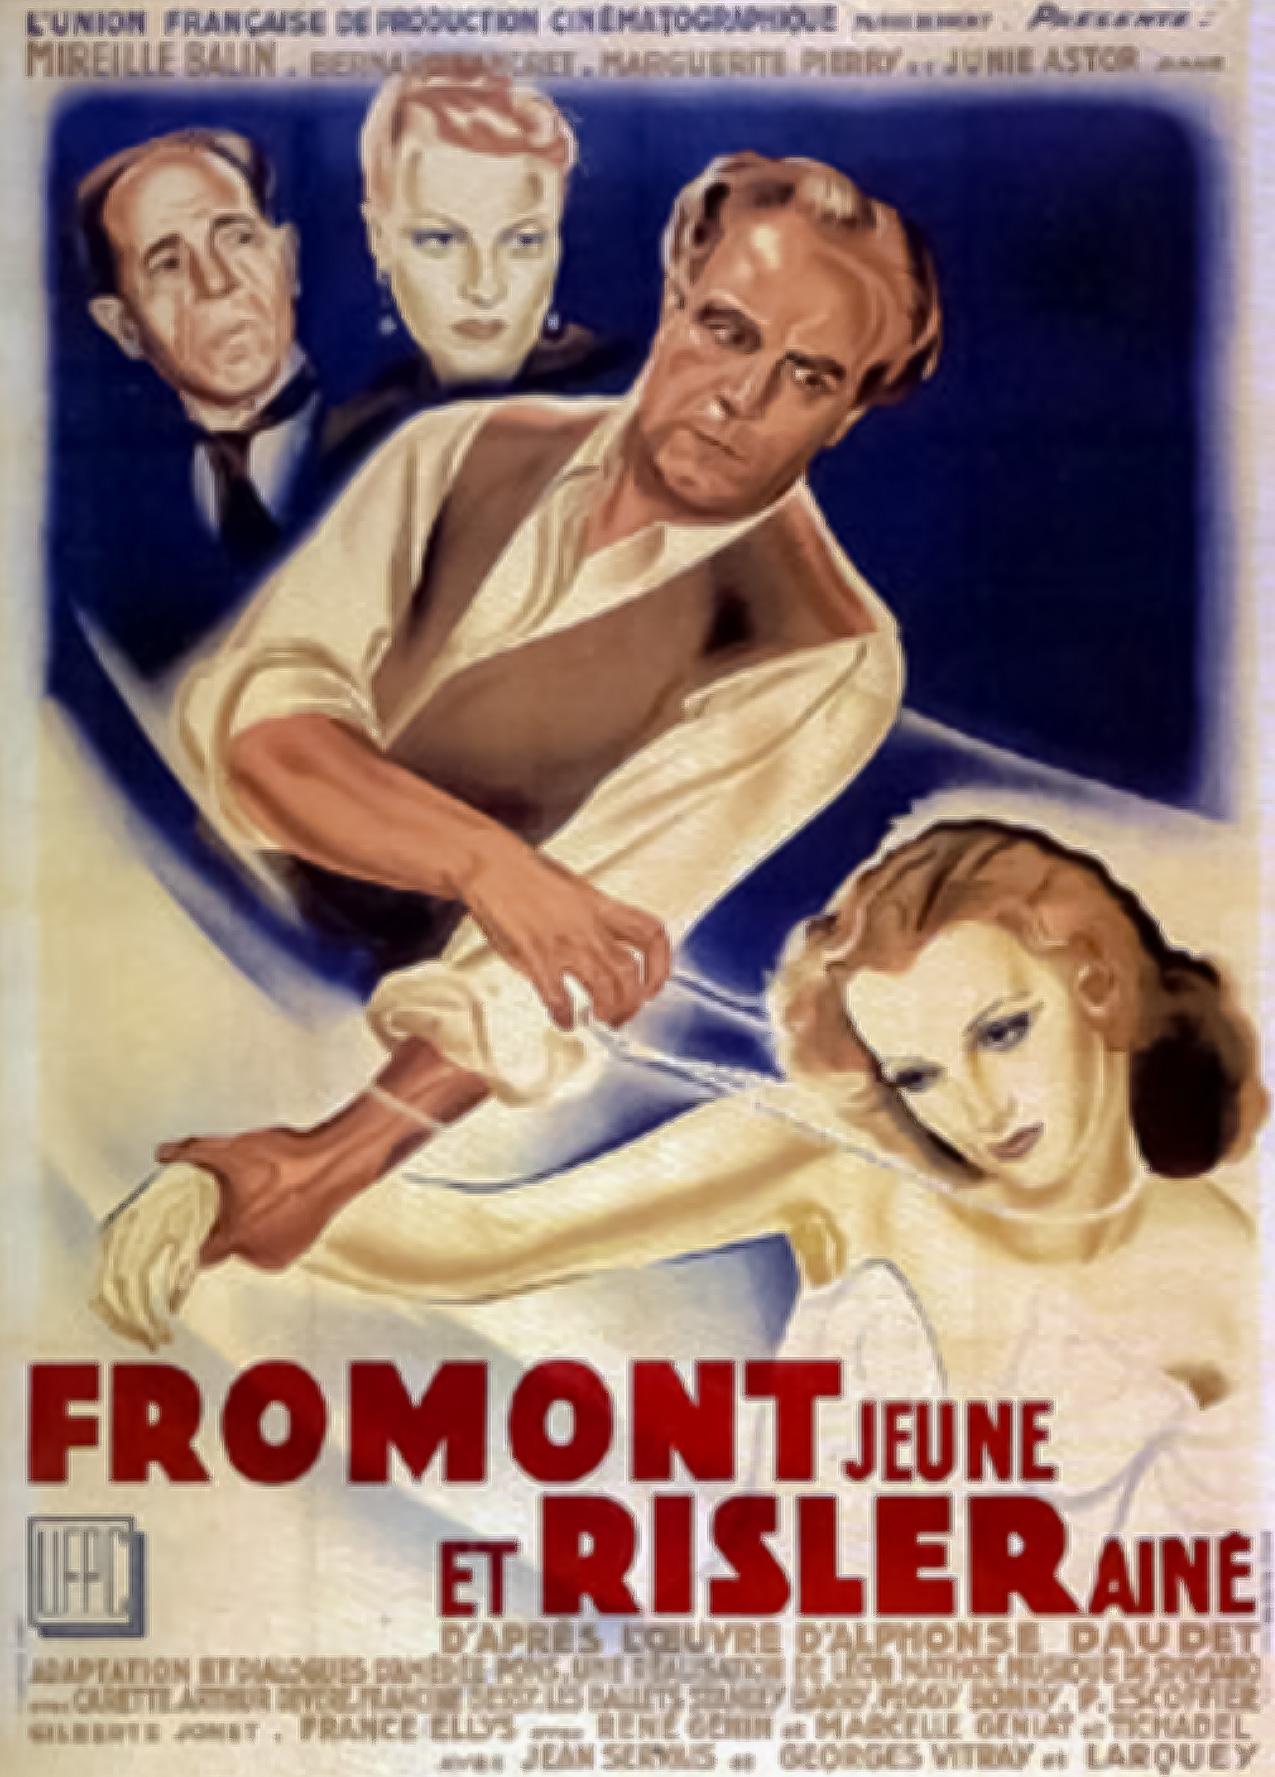 Fromont jeune et Risler aîné (1941)